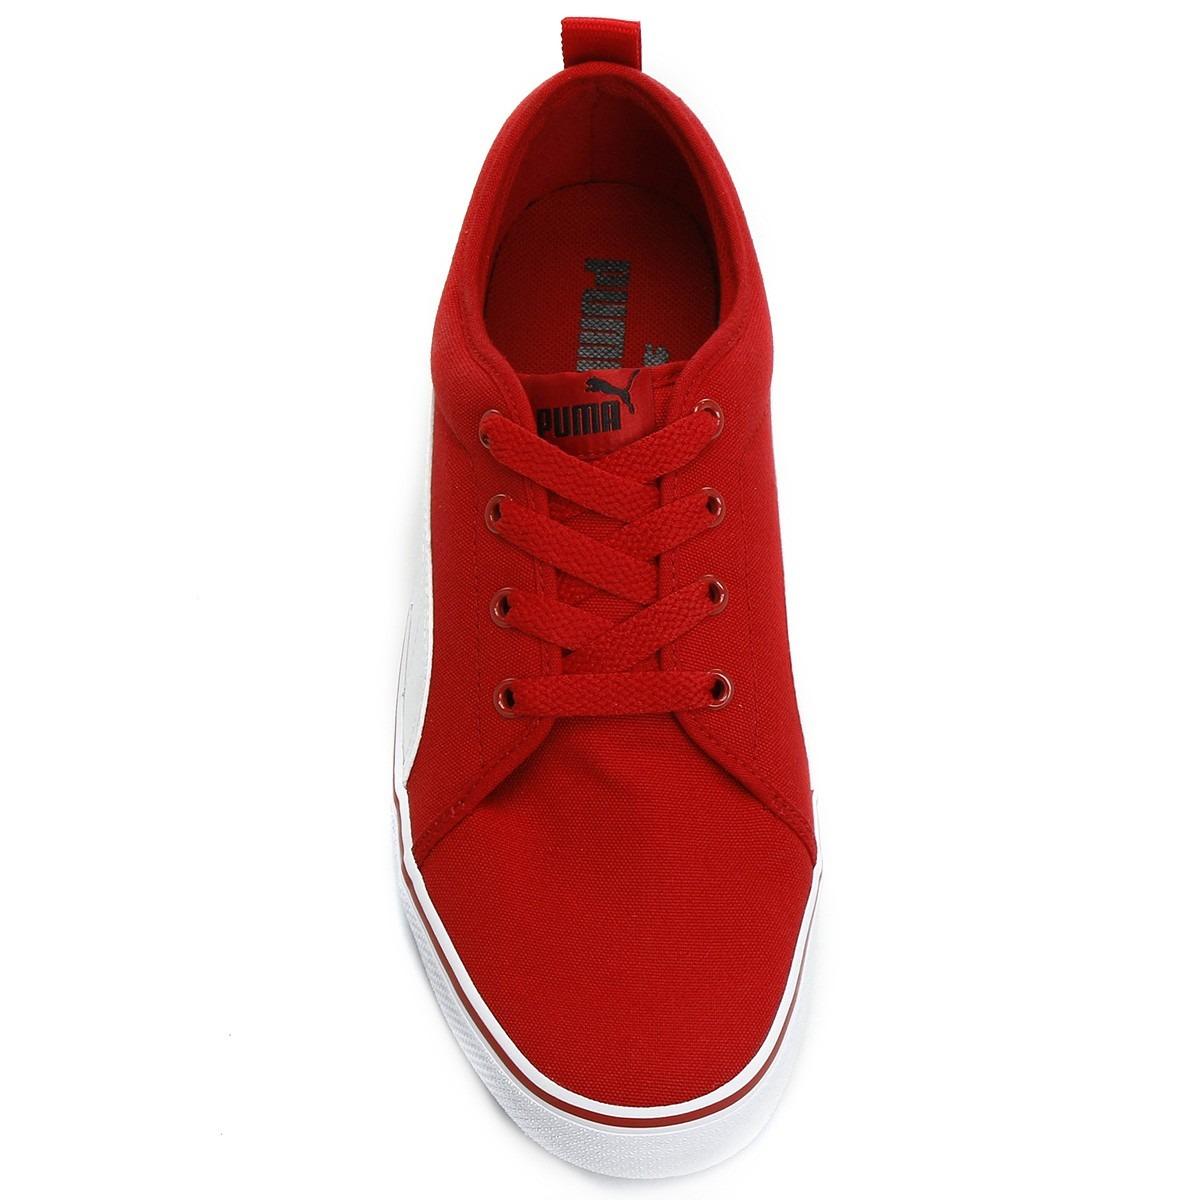 488caf2b Tênis Puma S Street Vulc Cv 43 Vermelho Skate Casual - R$ 109,00 em ...